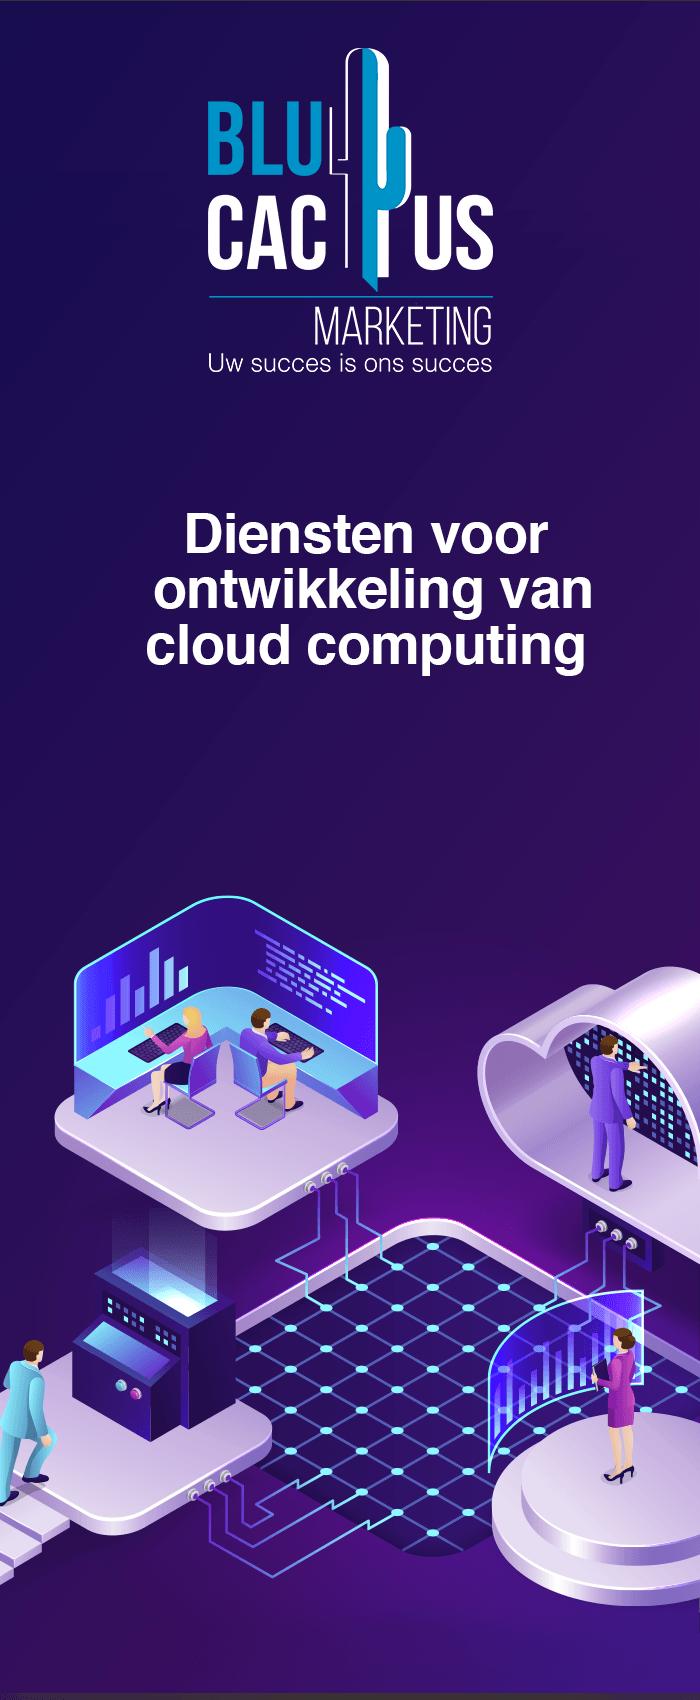 BluCactus - software ontwikkeling bedrijf - Cloud computing